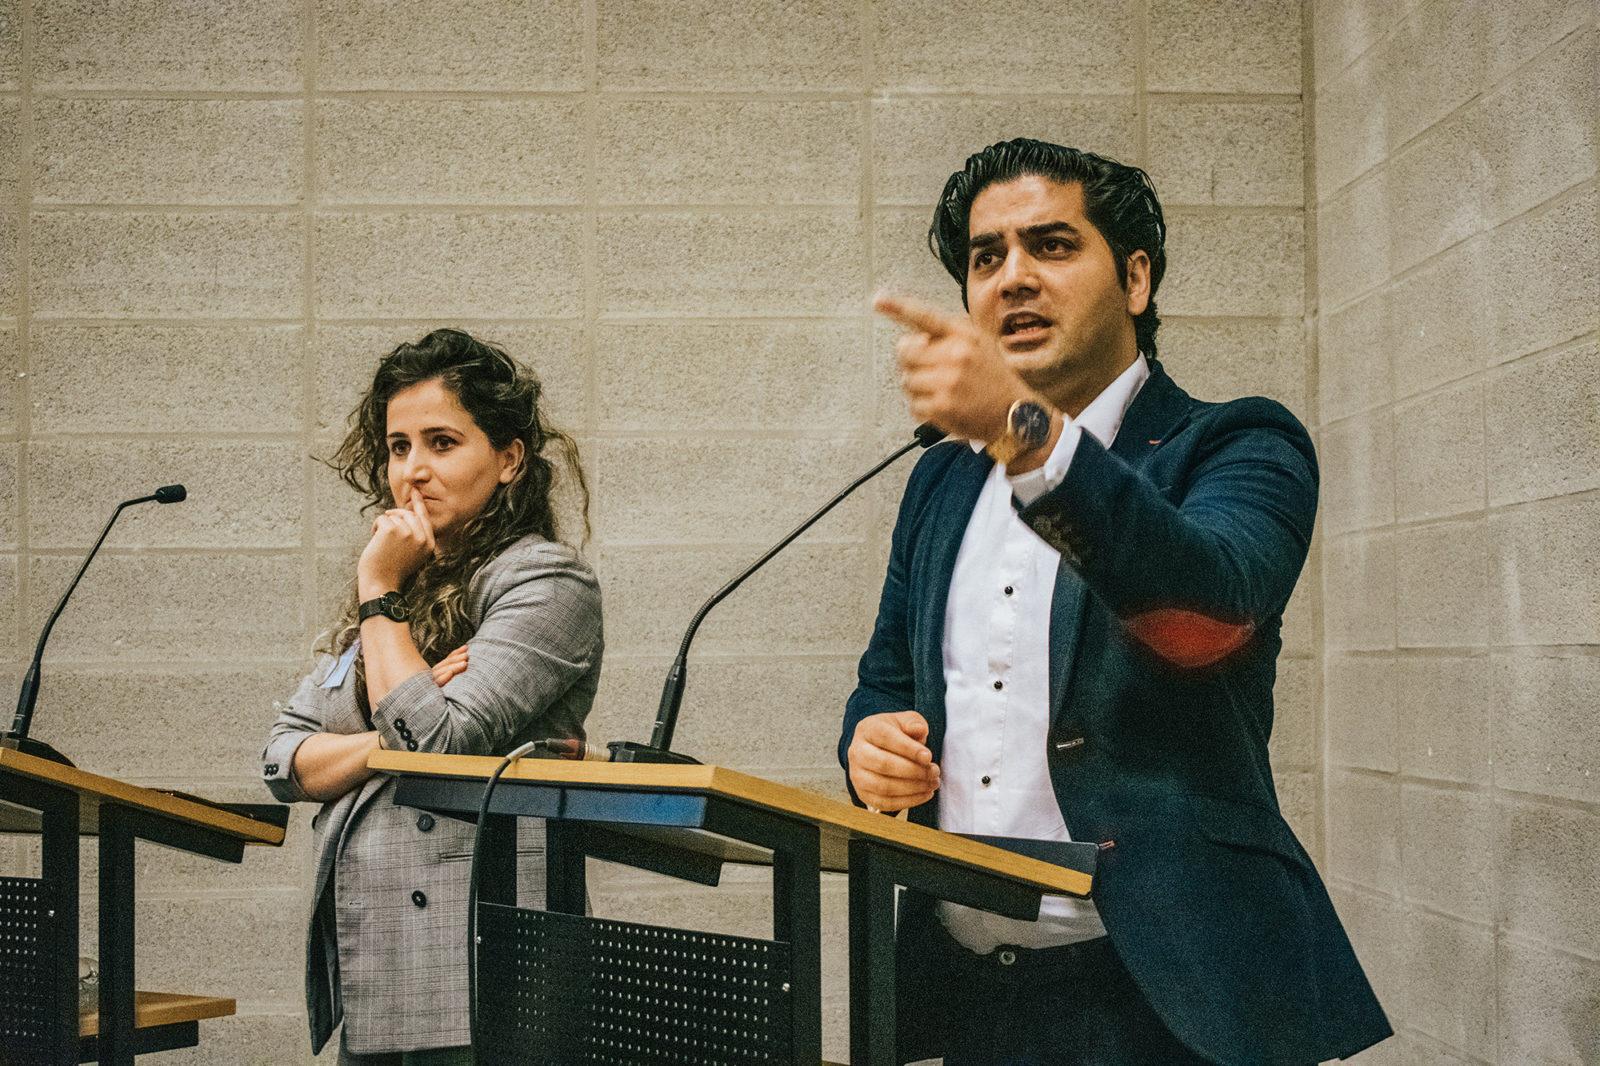 Ehsan-Jami-en-Duygu-Yildirim-debat-toekomst-arbeidsmarkt-Eby-Tafese